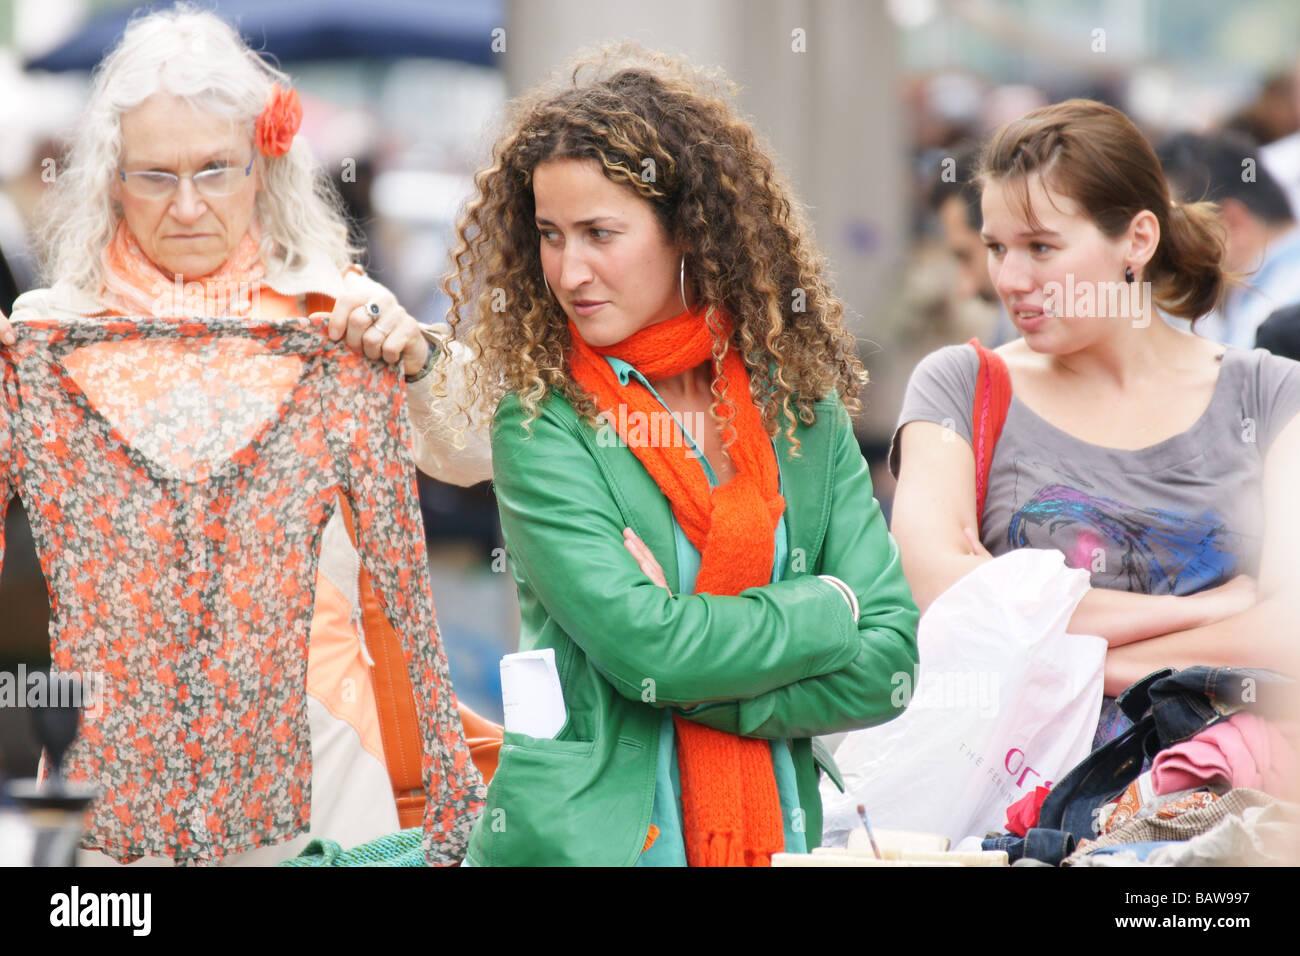 Kleidung Niederlande